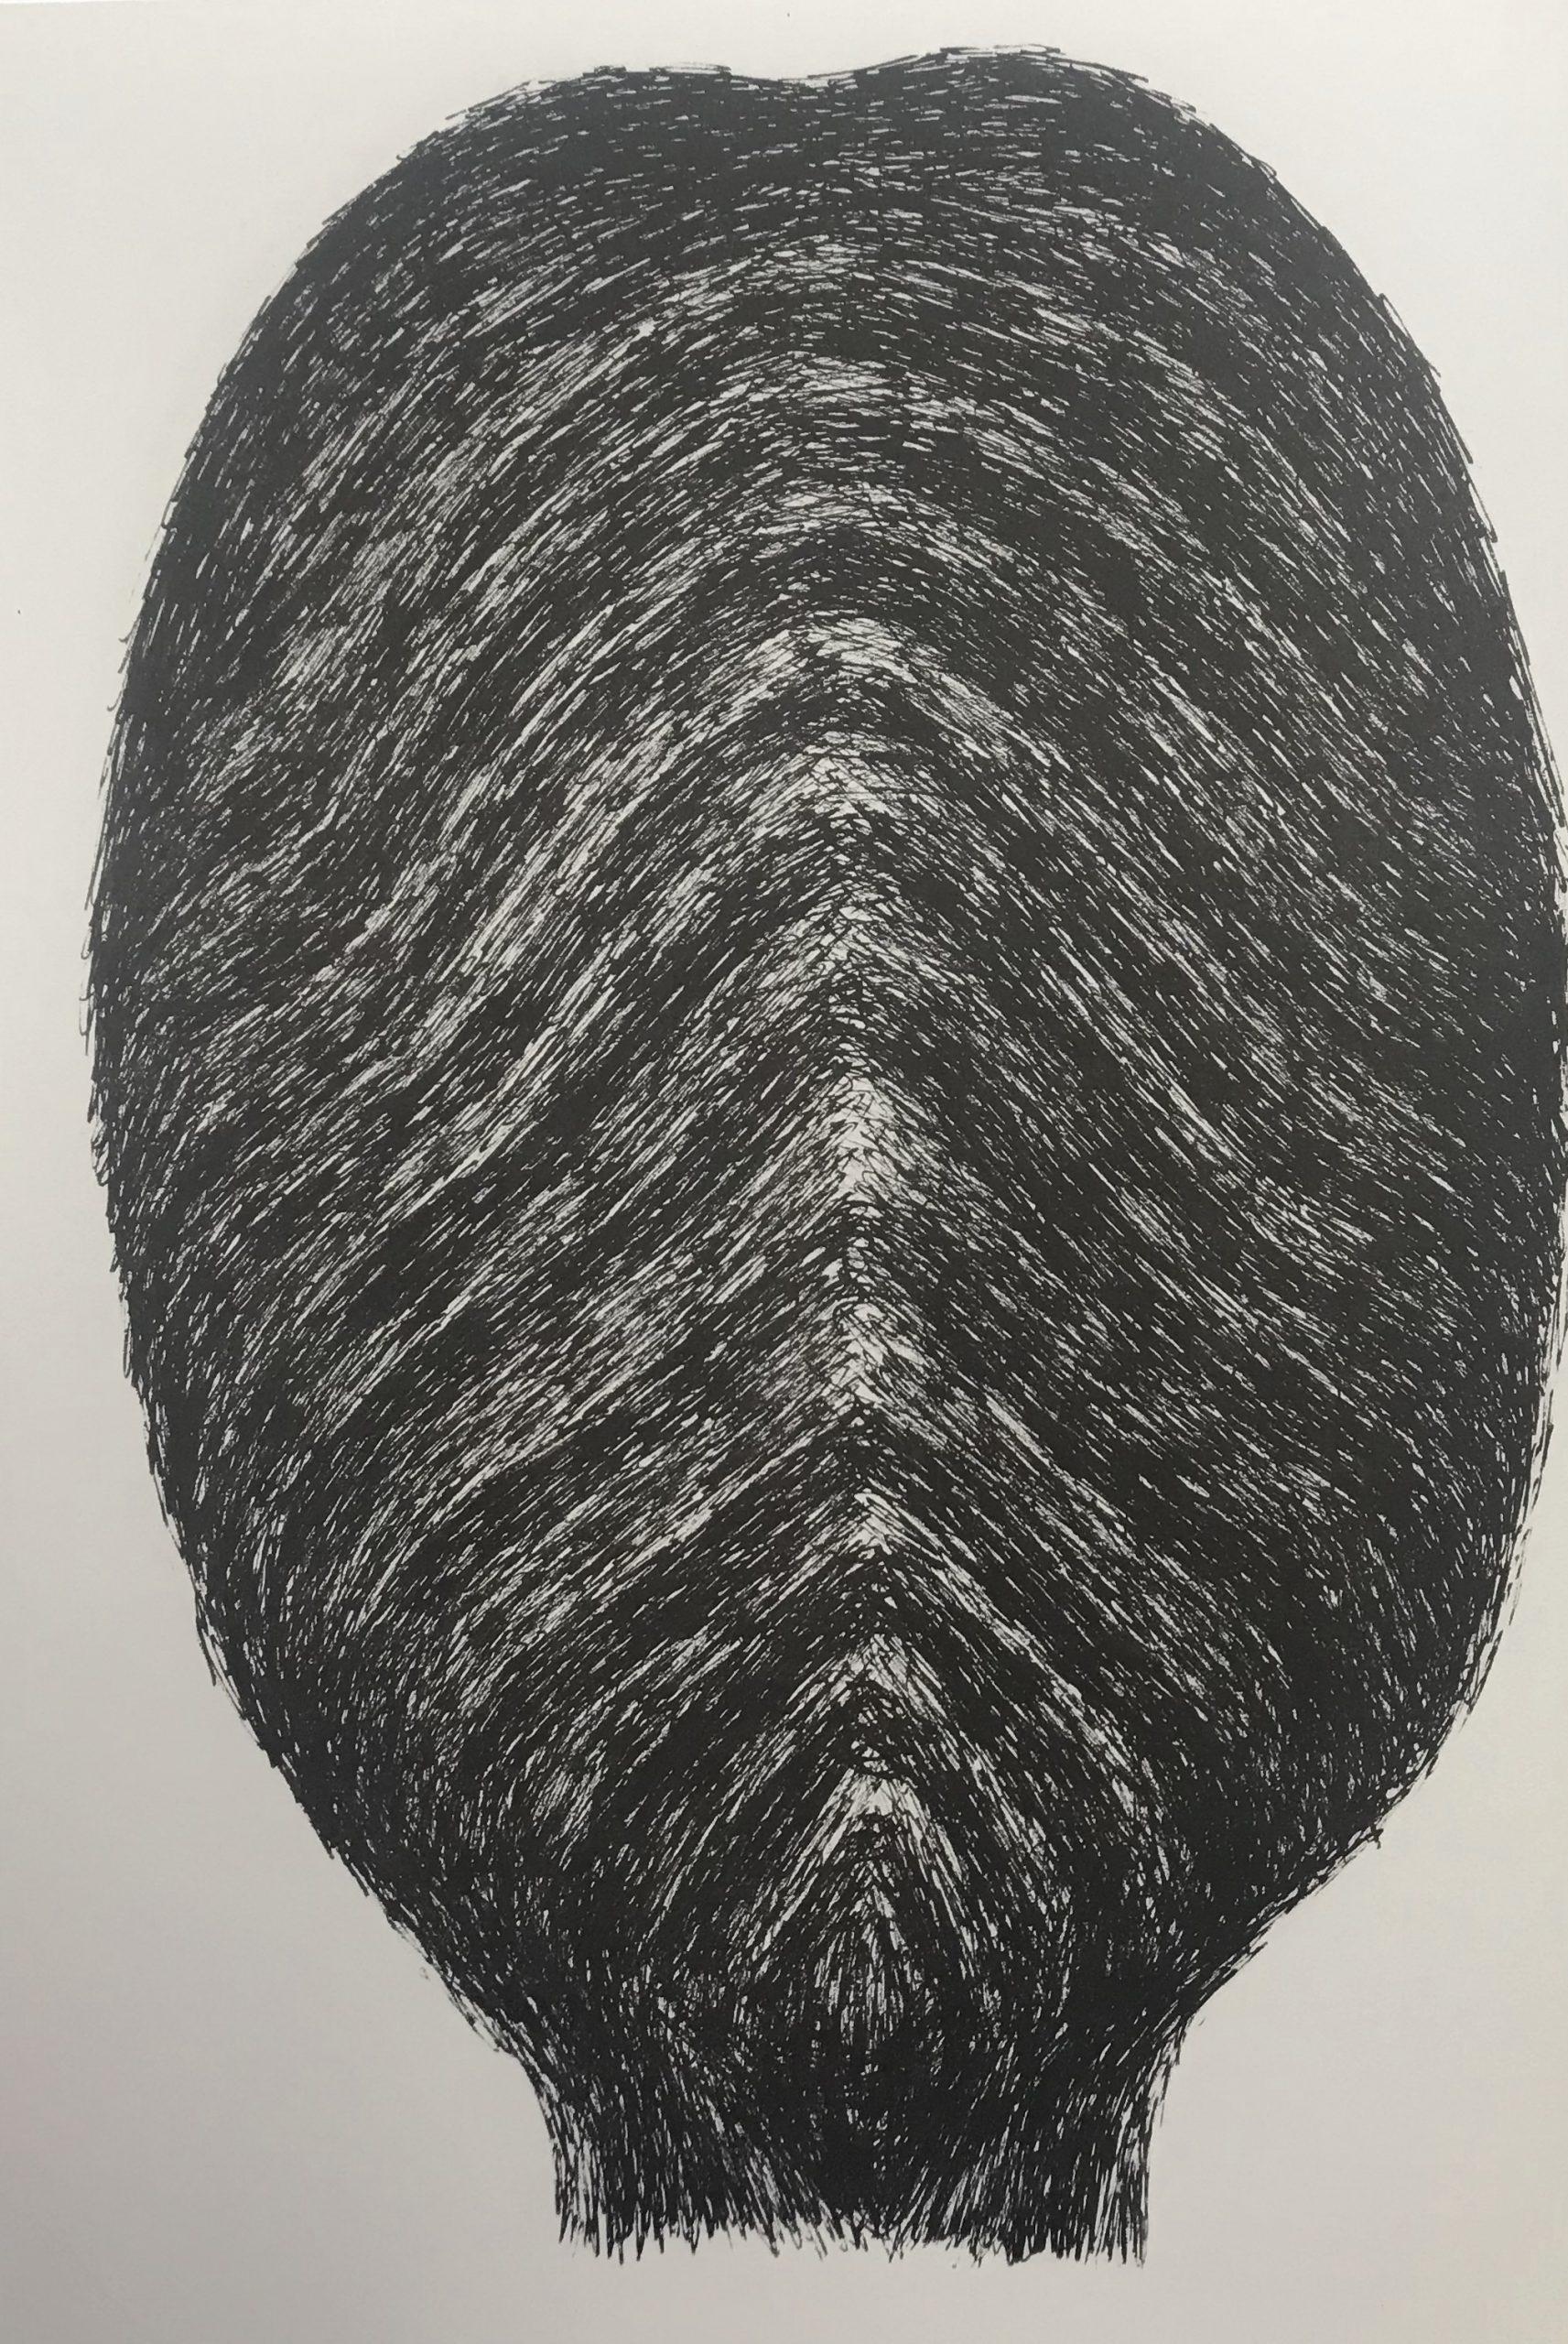 Ubac original Lithograph, dlm, DM06196